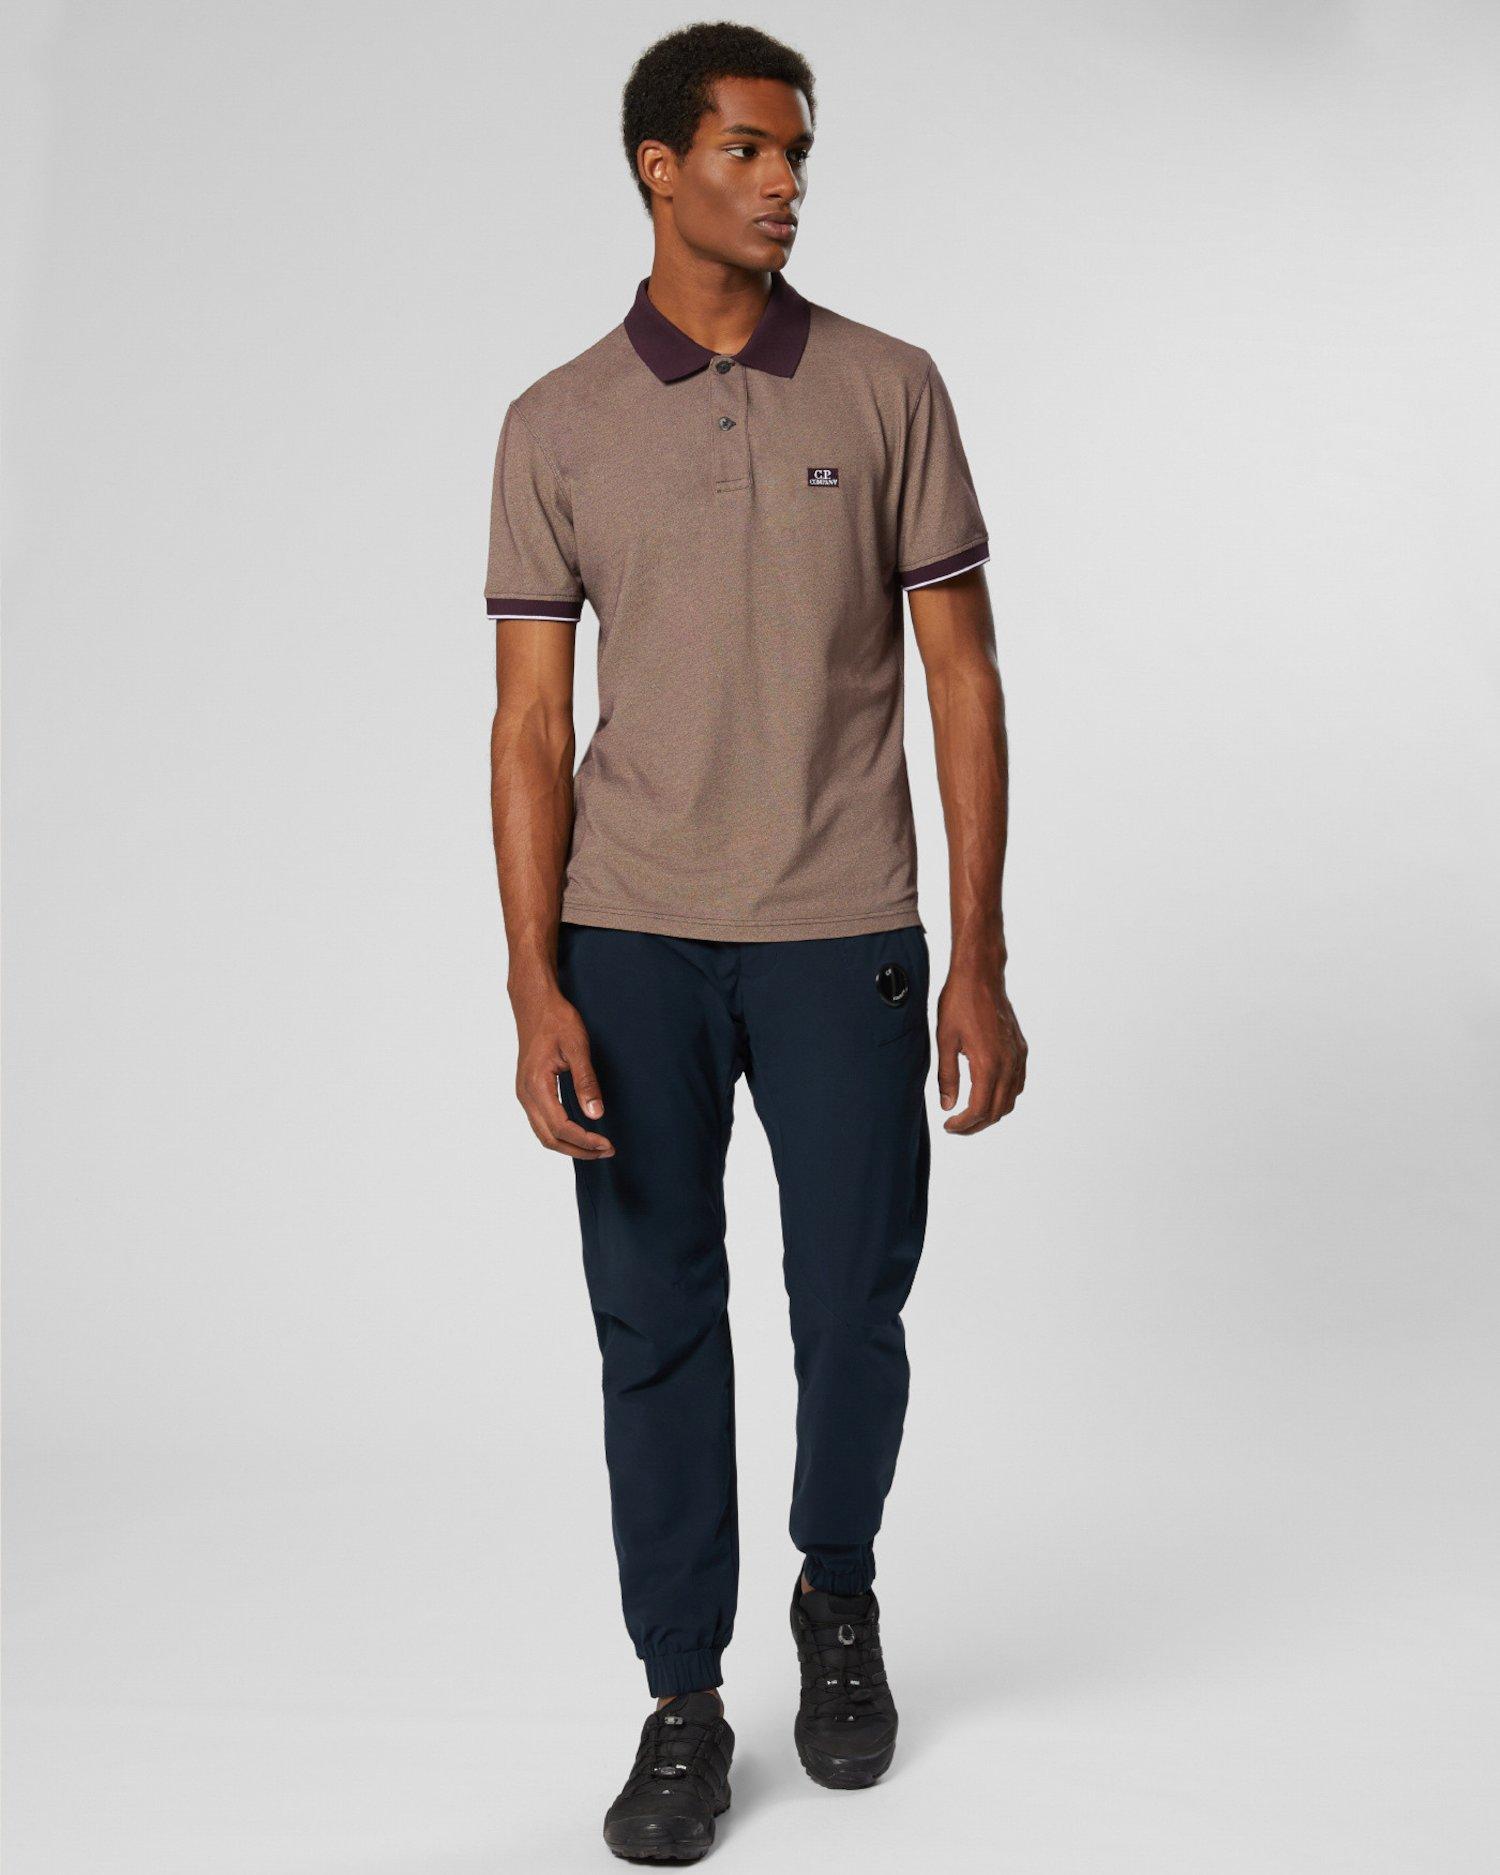 Окрашенная в готовом виде футболка-поло из утолщенного хлопка пике с коротким рукавом